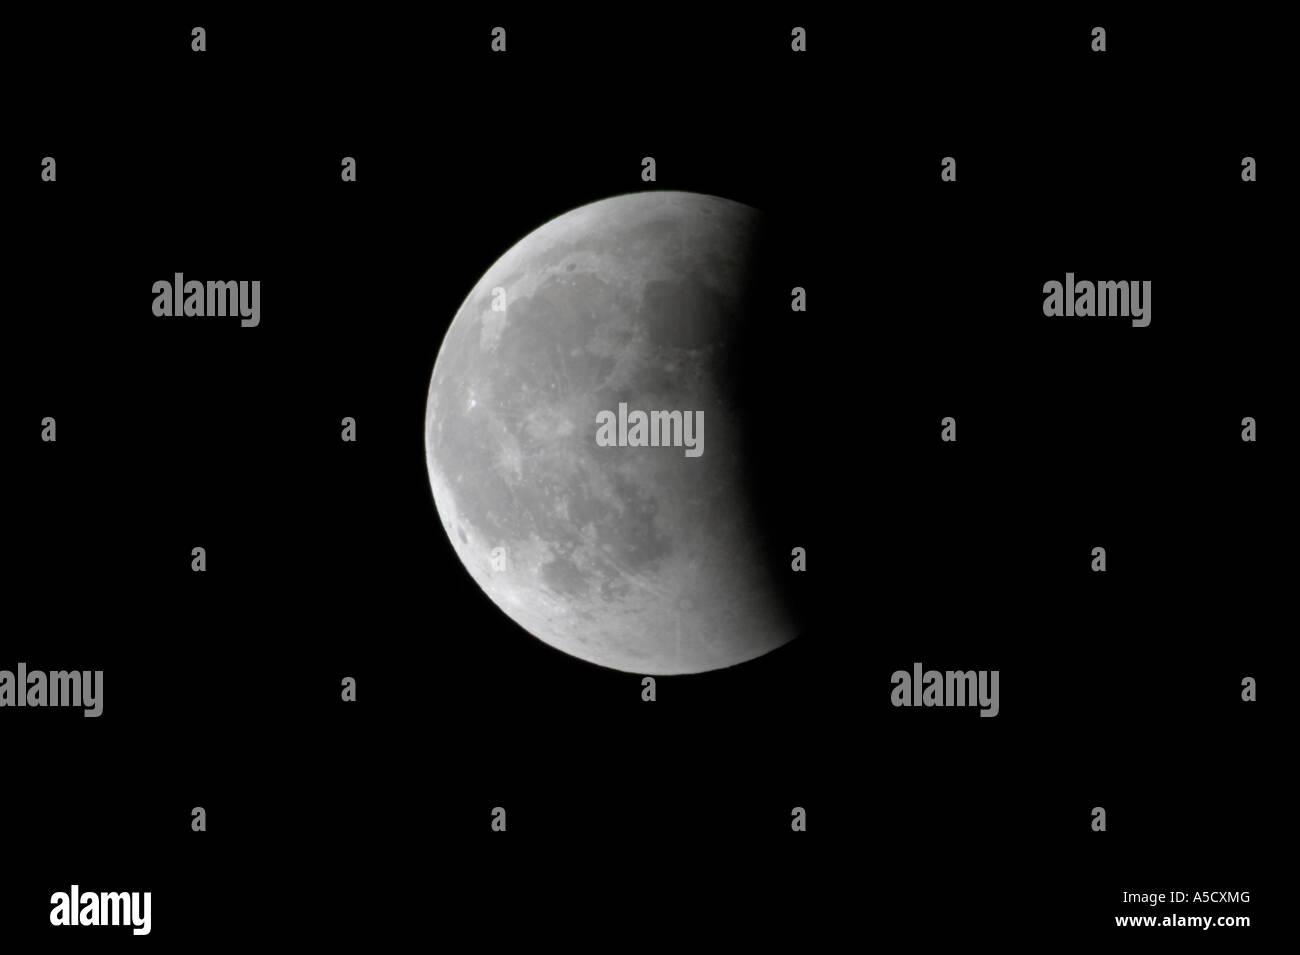 Près de la lune est sorti de l'ombre de la terre à la fin d'une éclipse lunaire totale comme Photo Stock